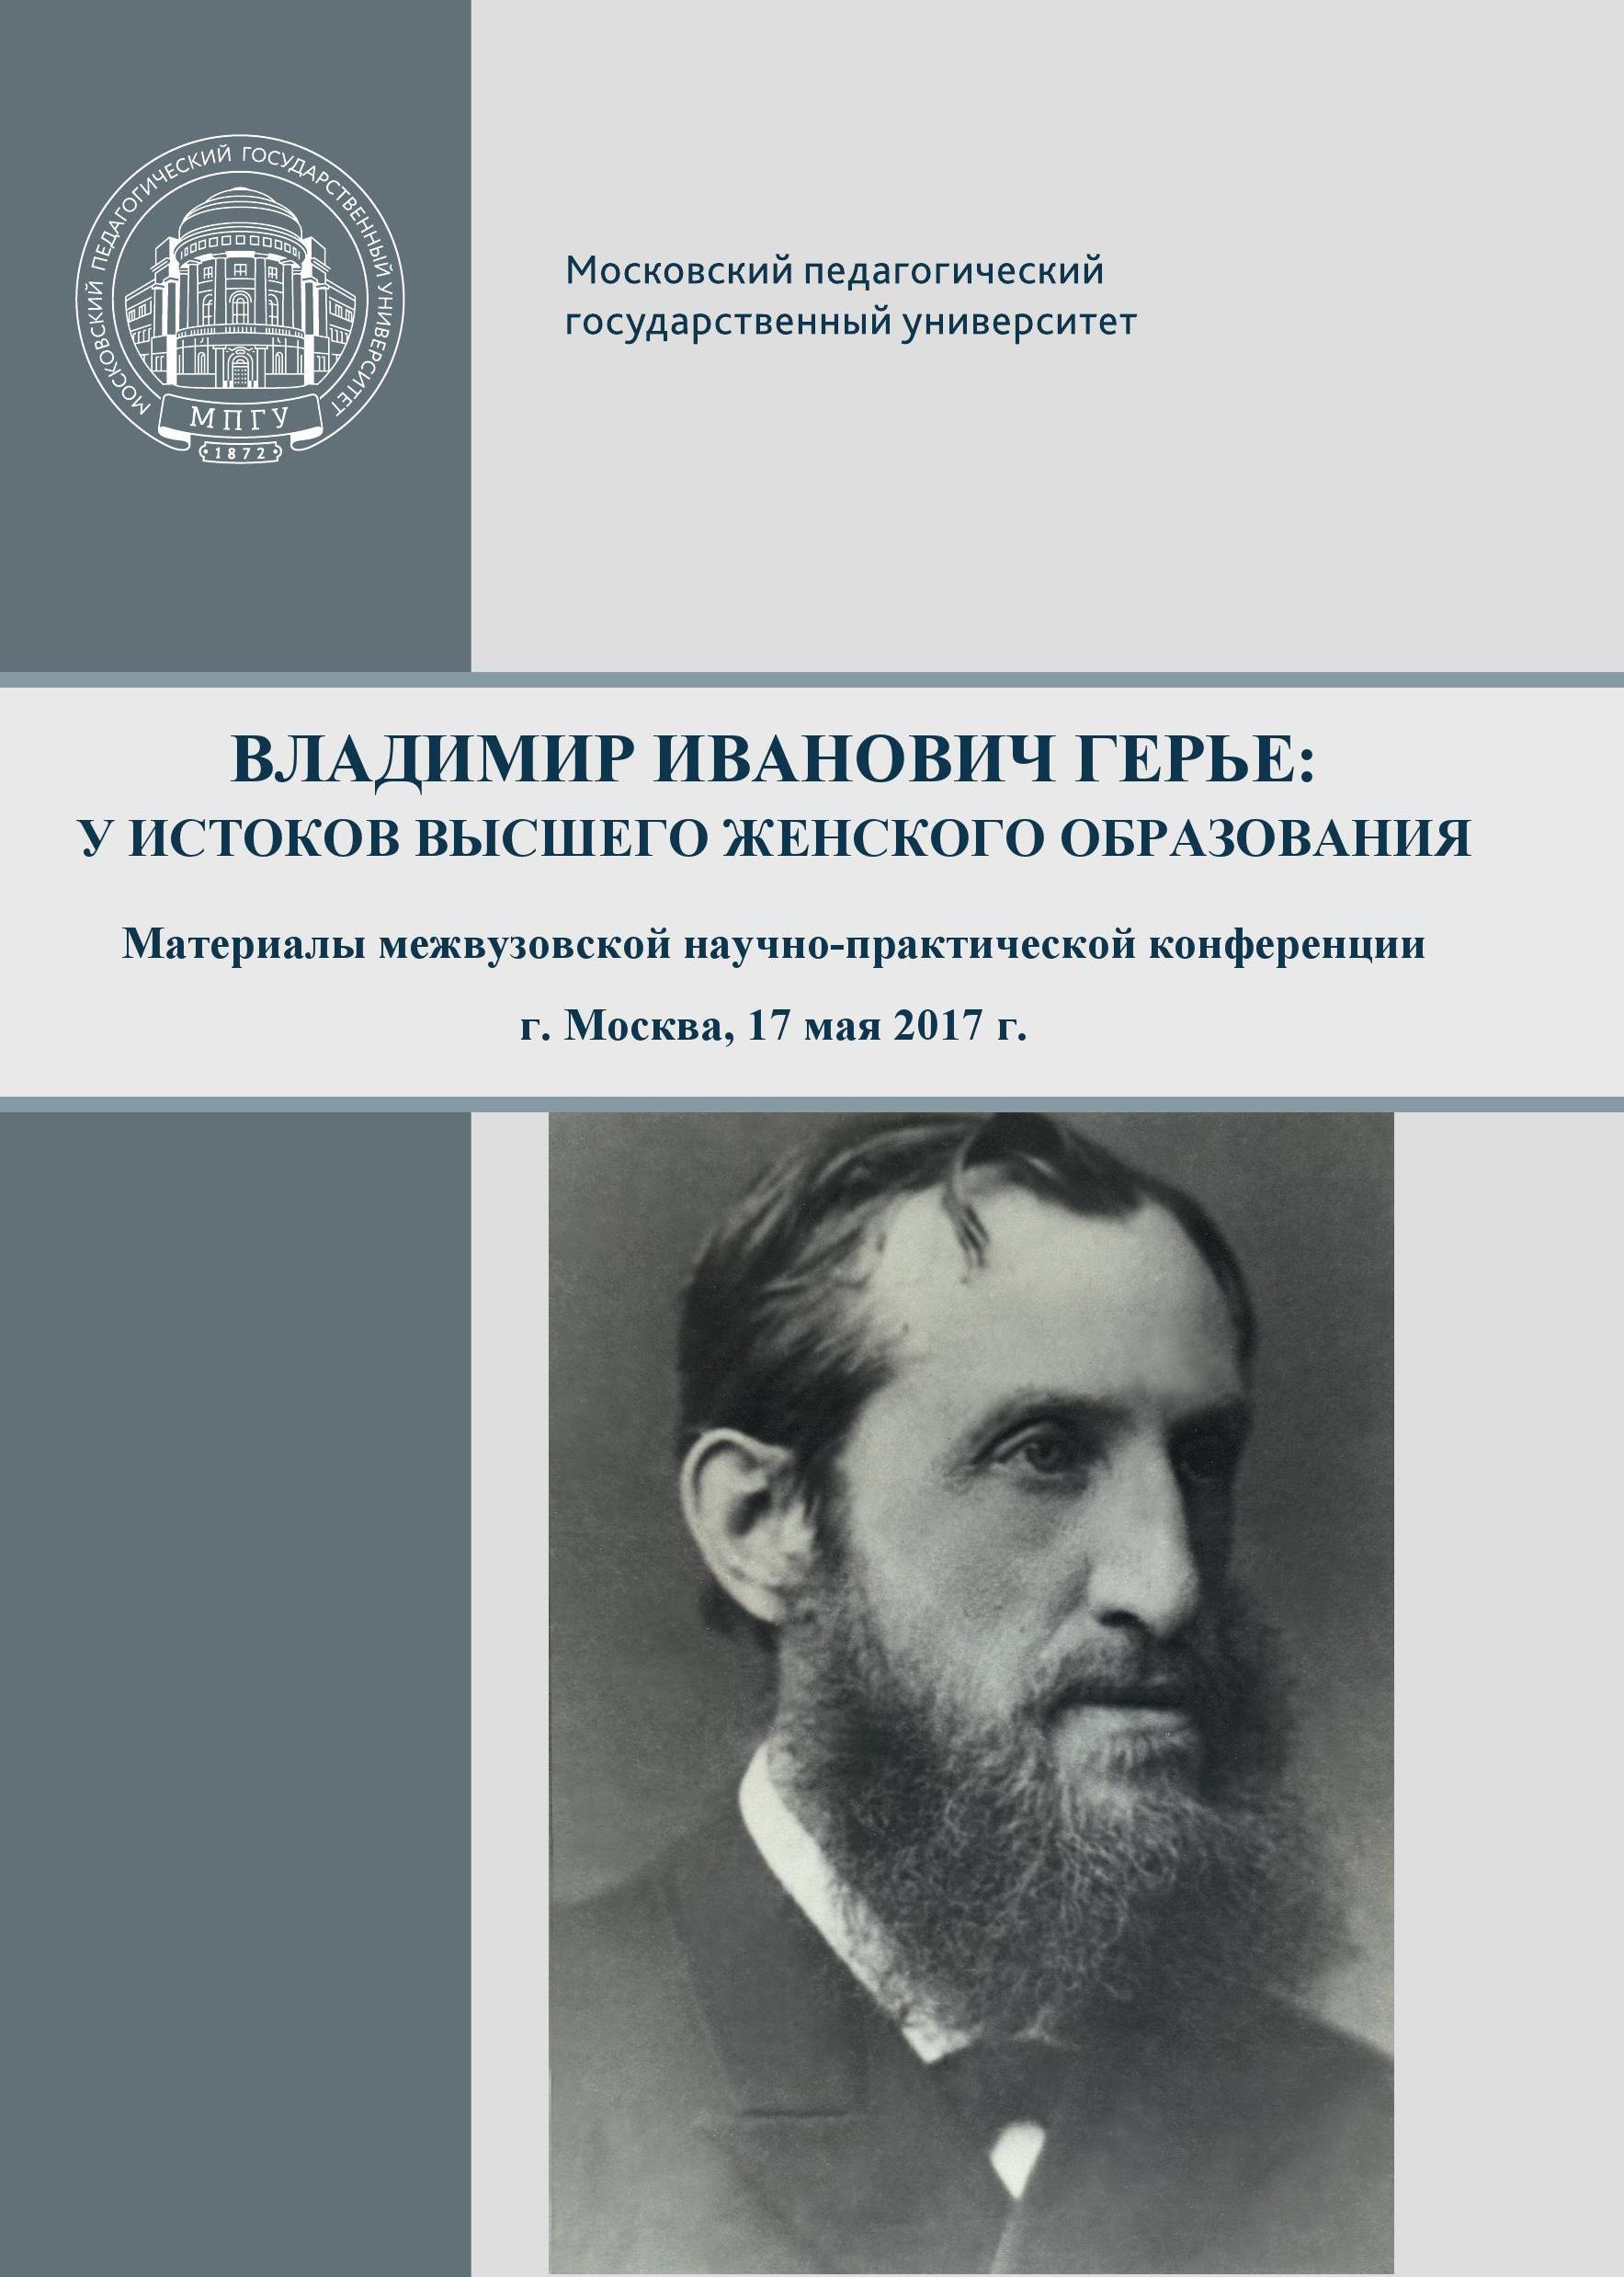 Владимир Иванович Герье: у истоков высшего женского образования